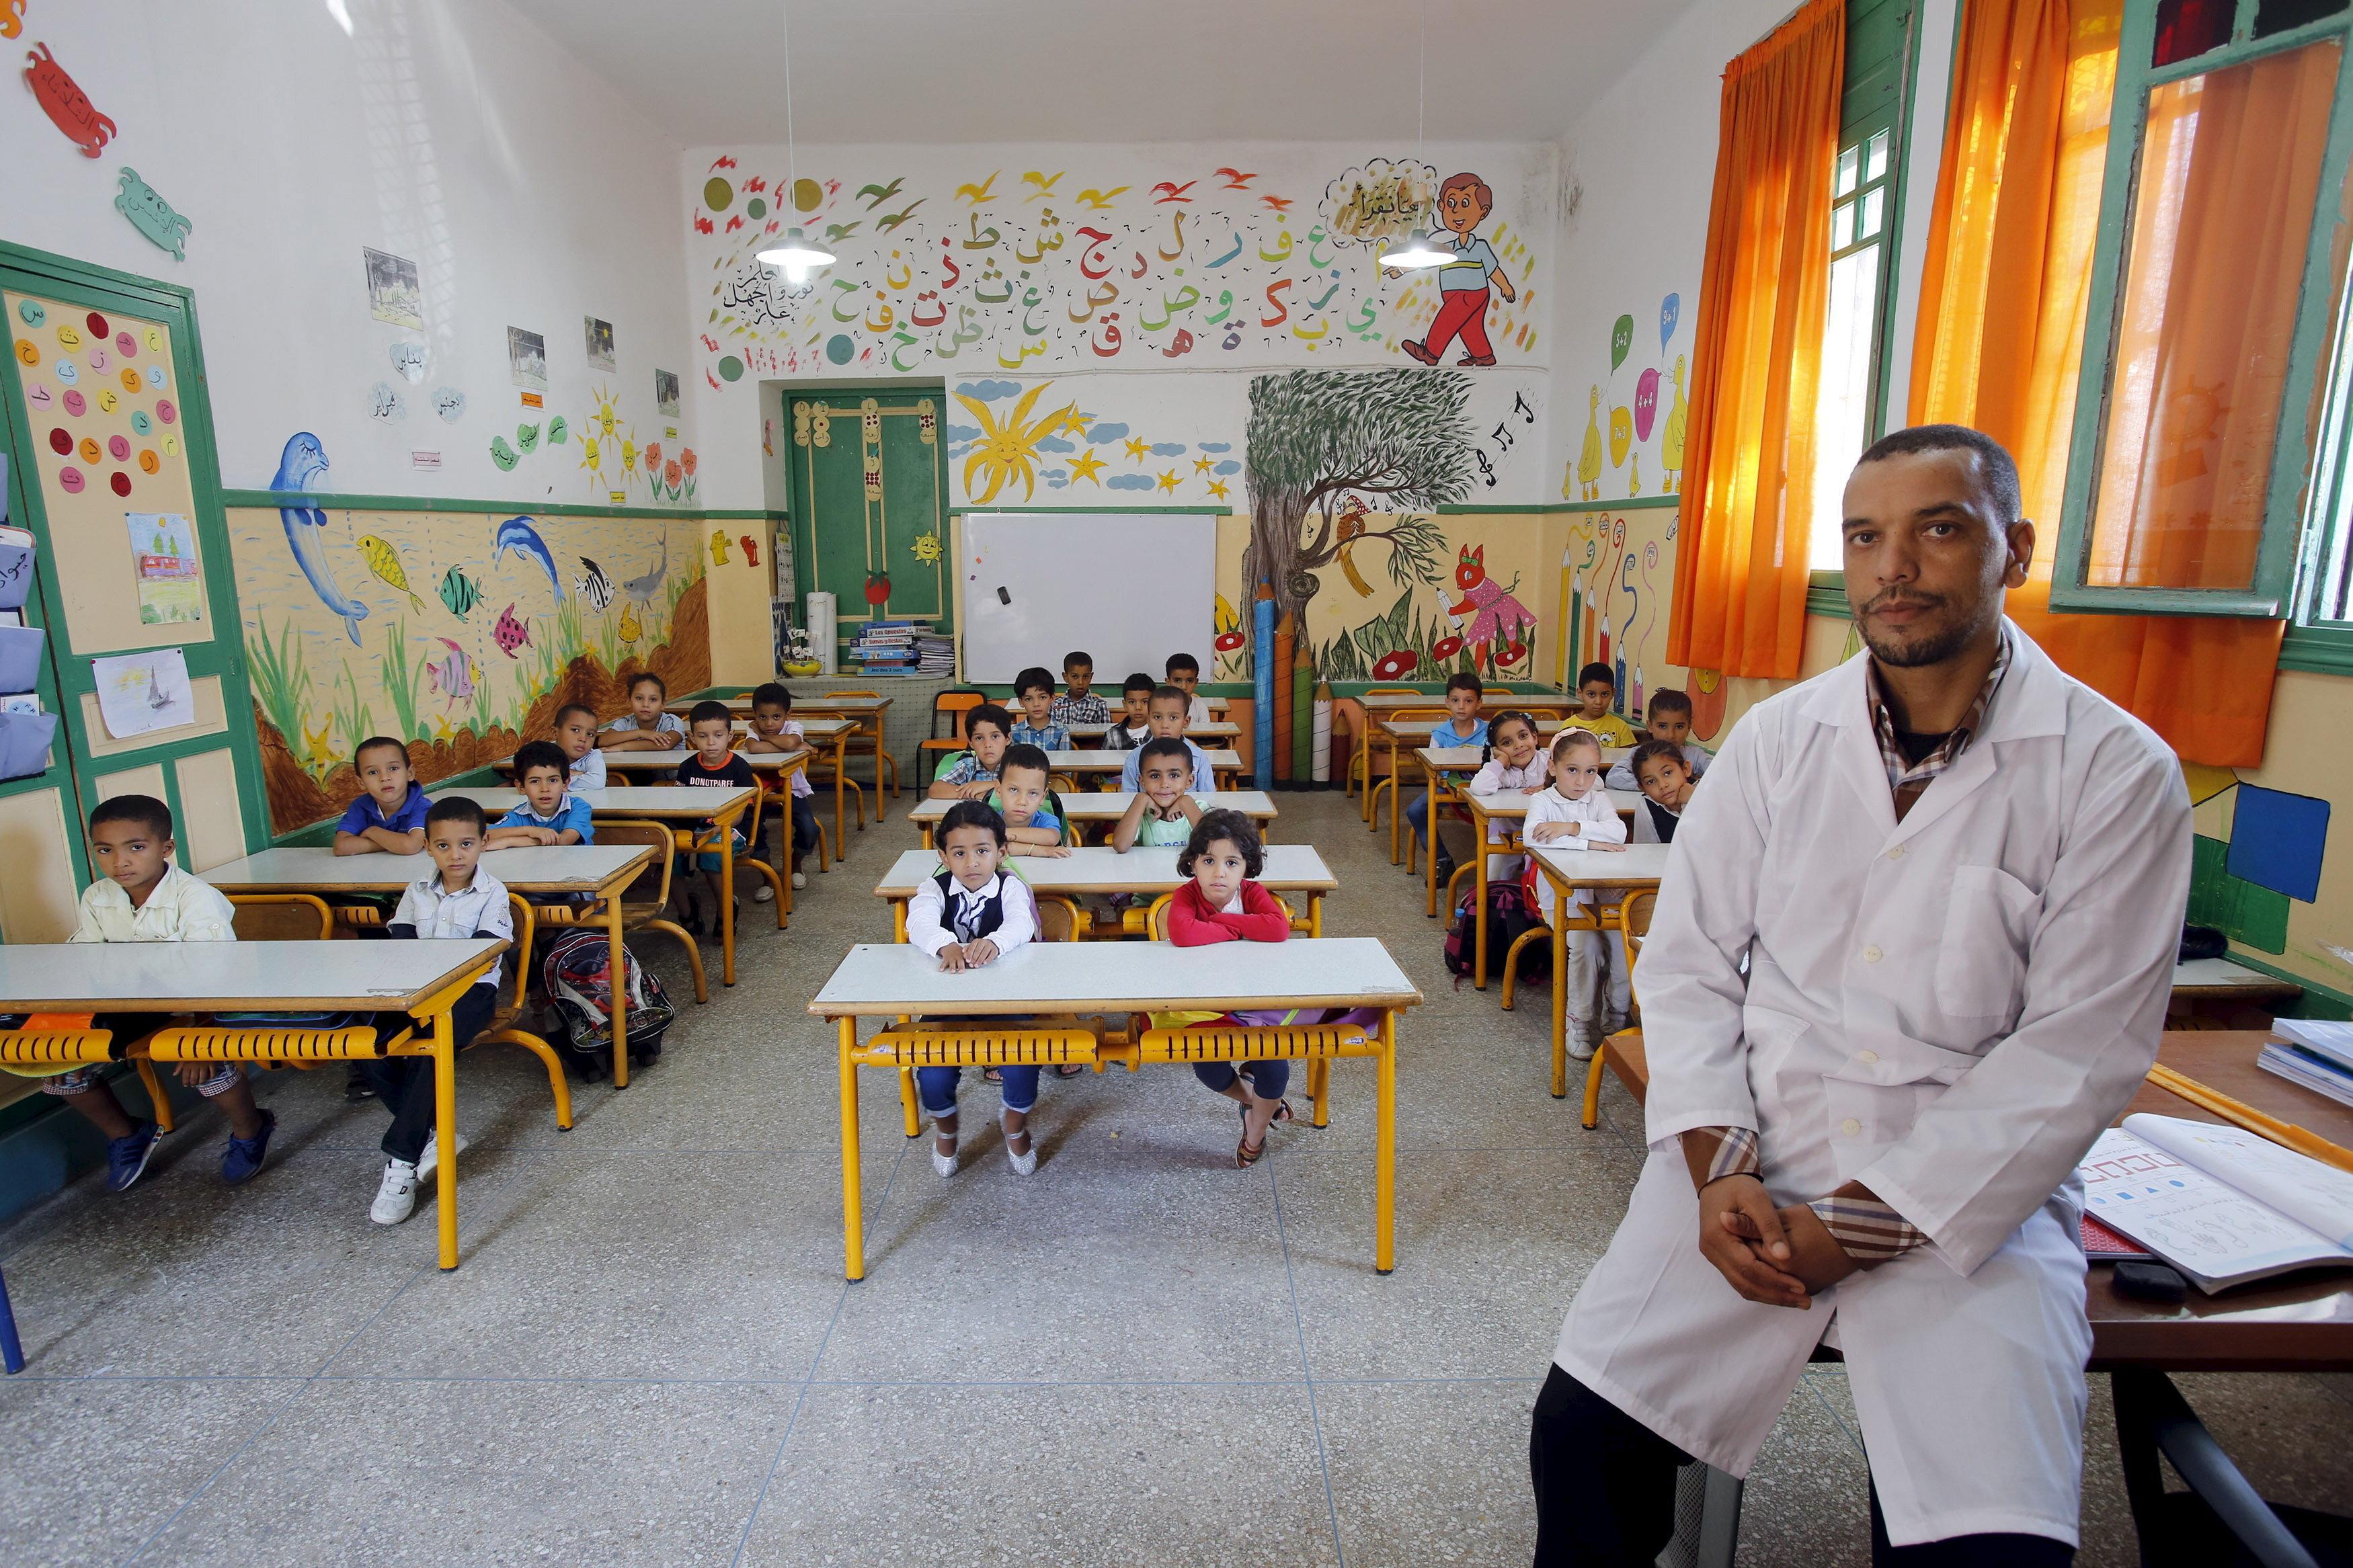 GMT+1: Les élèves marocains commenceront désormais l'école à 9h